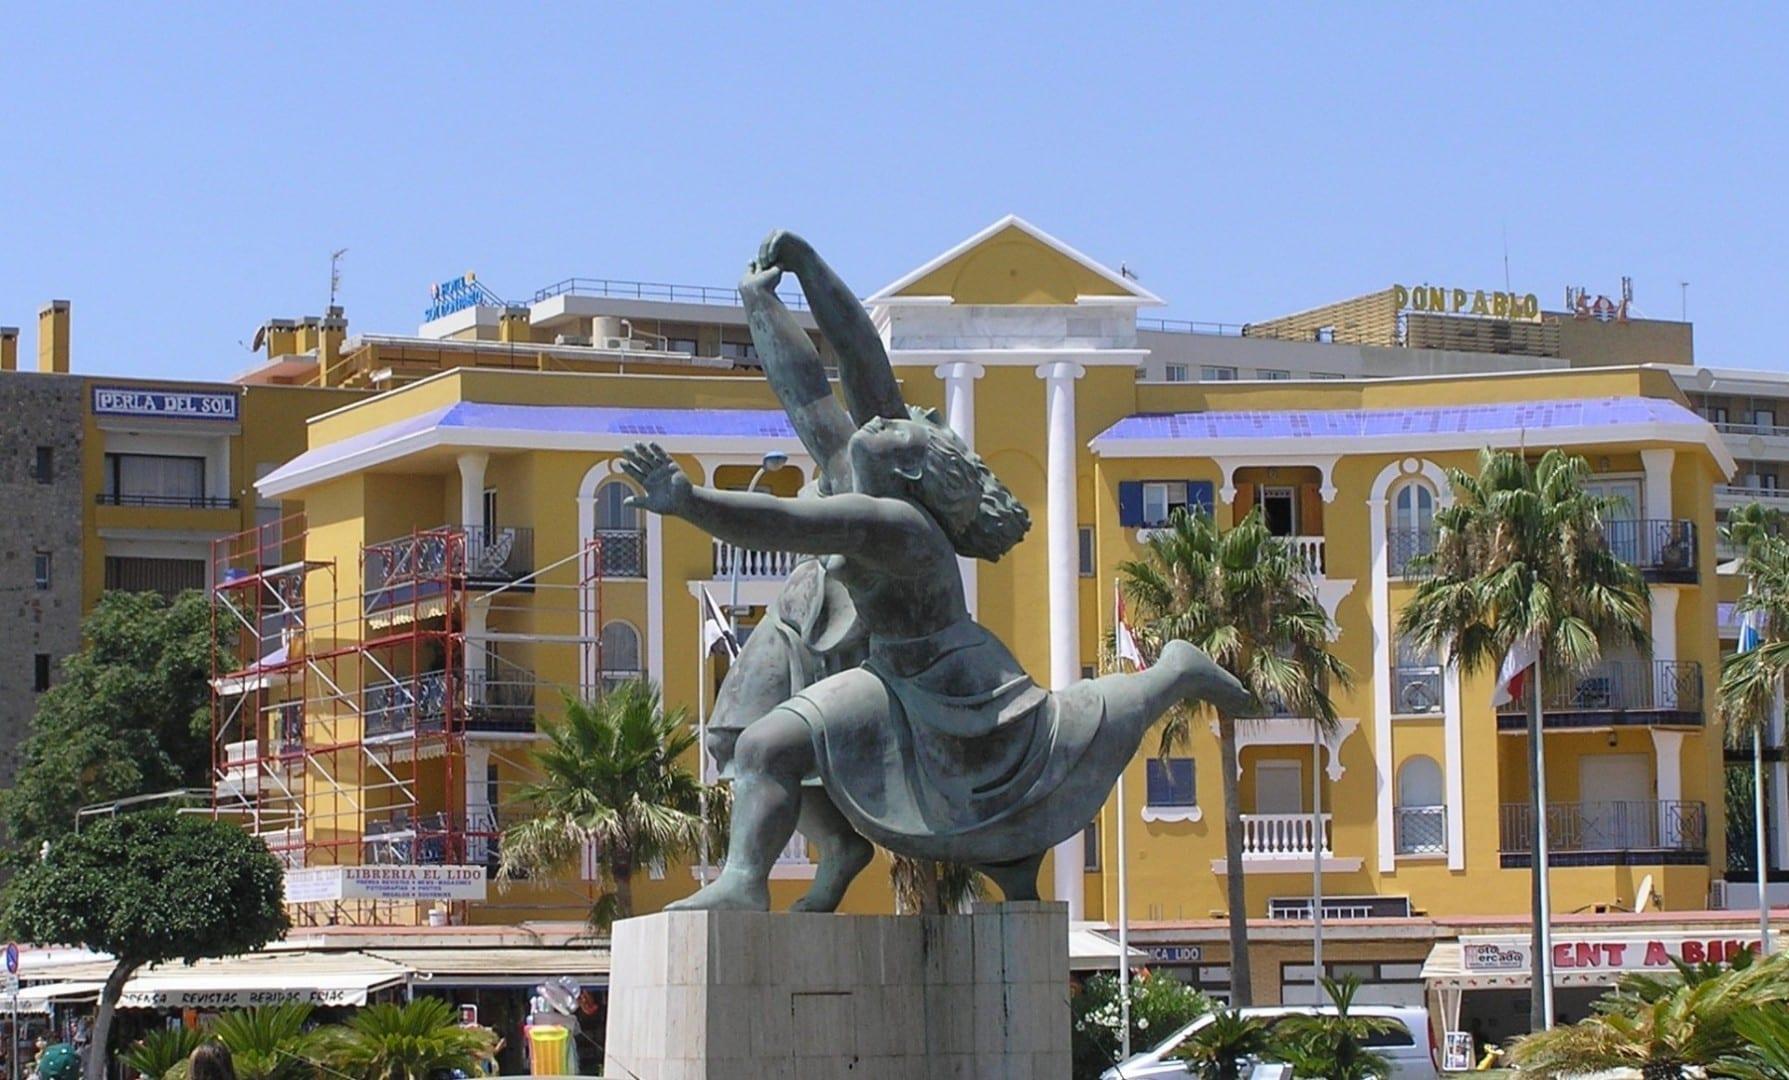 Reproducción de las dos bailarinas de Picasso, Torremolinos, julio de 2007. Torremolinos España